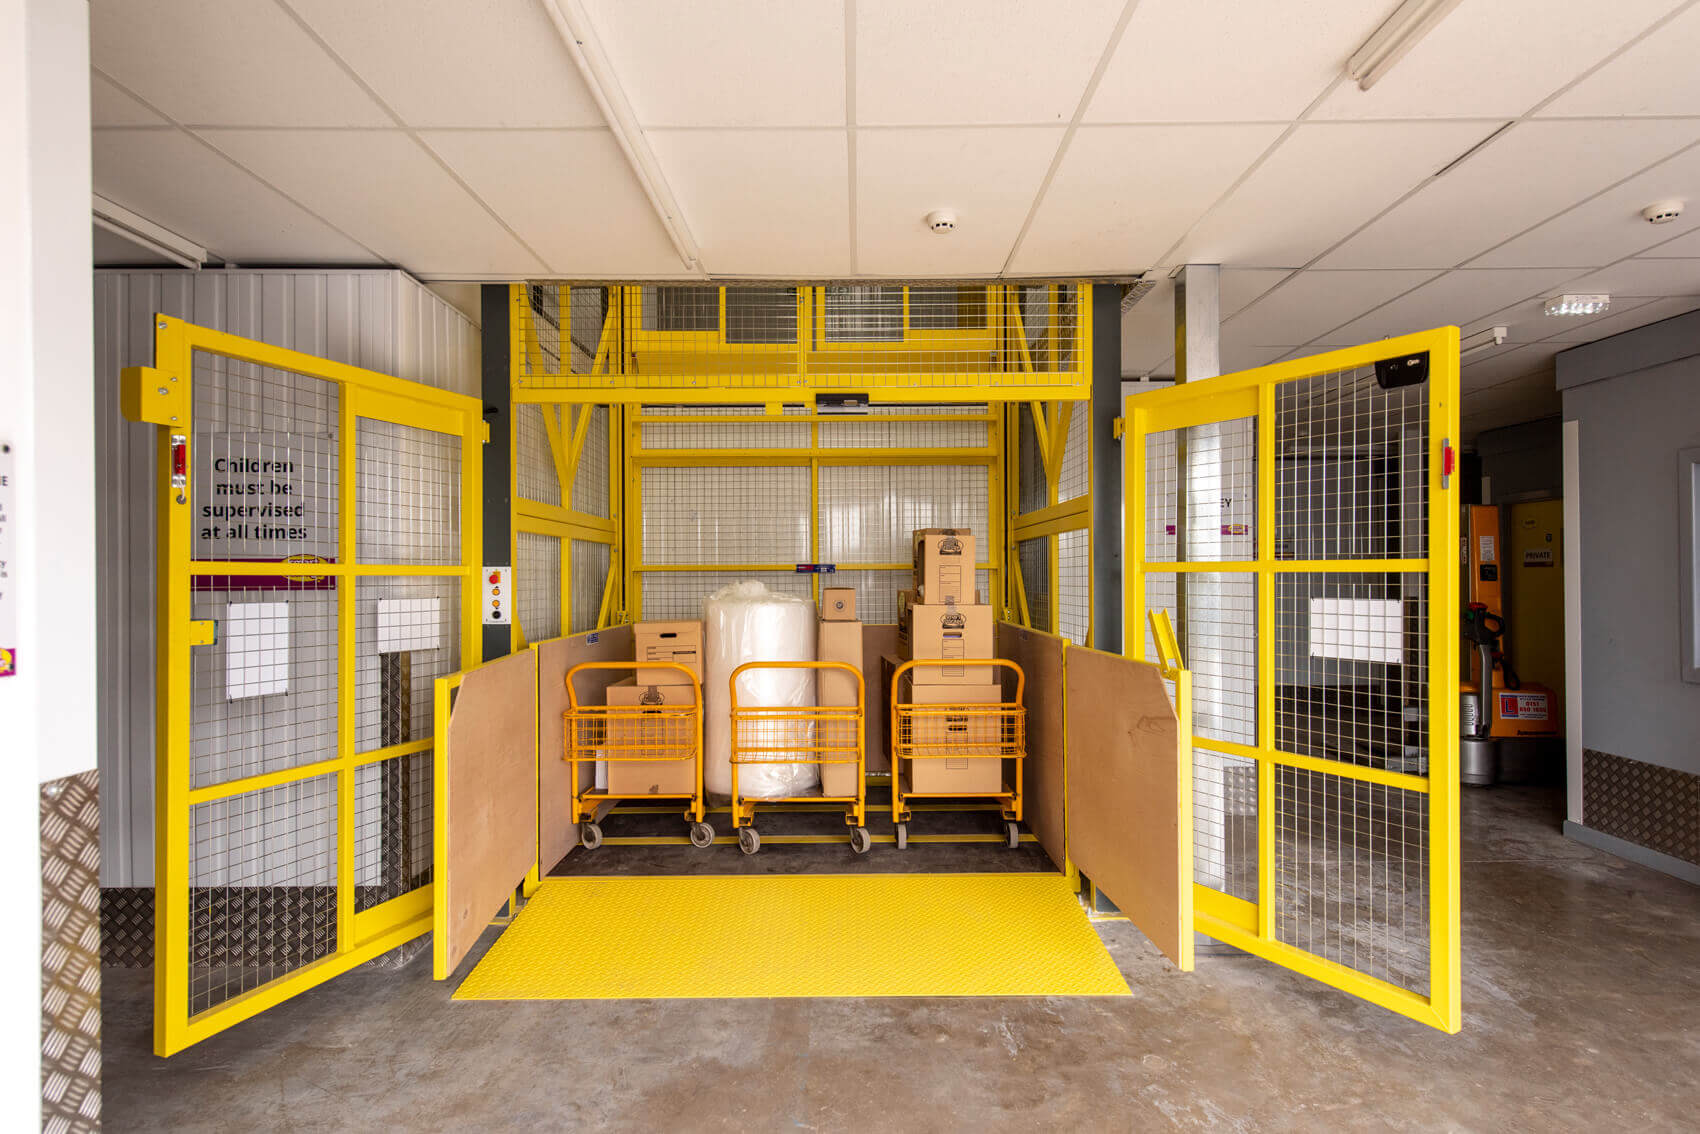 Fully loaded goods lift on ground floor